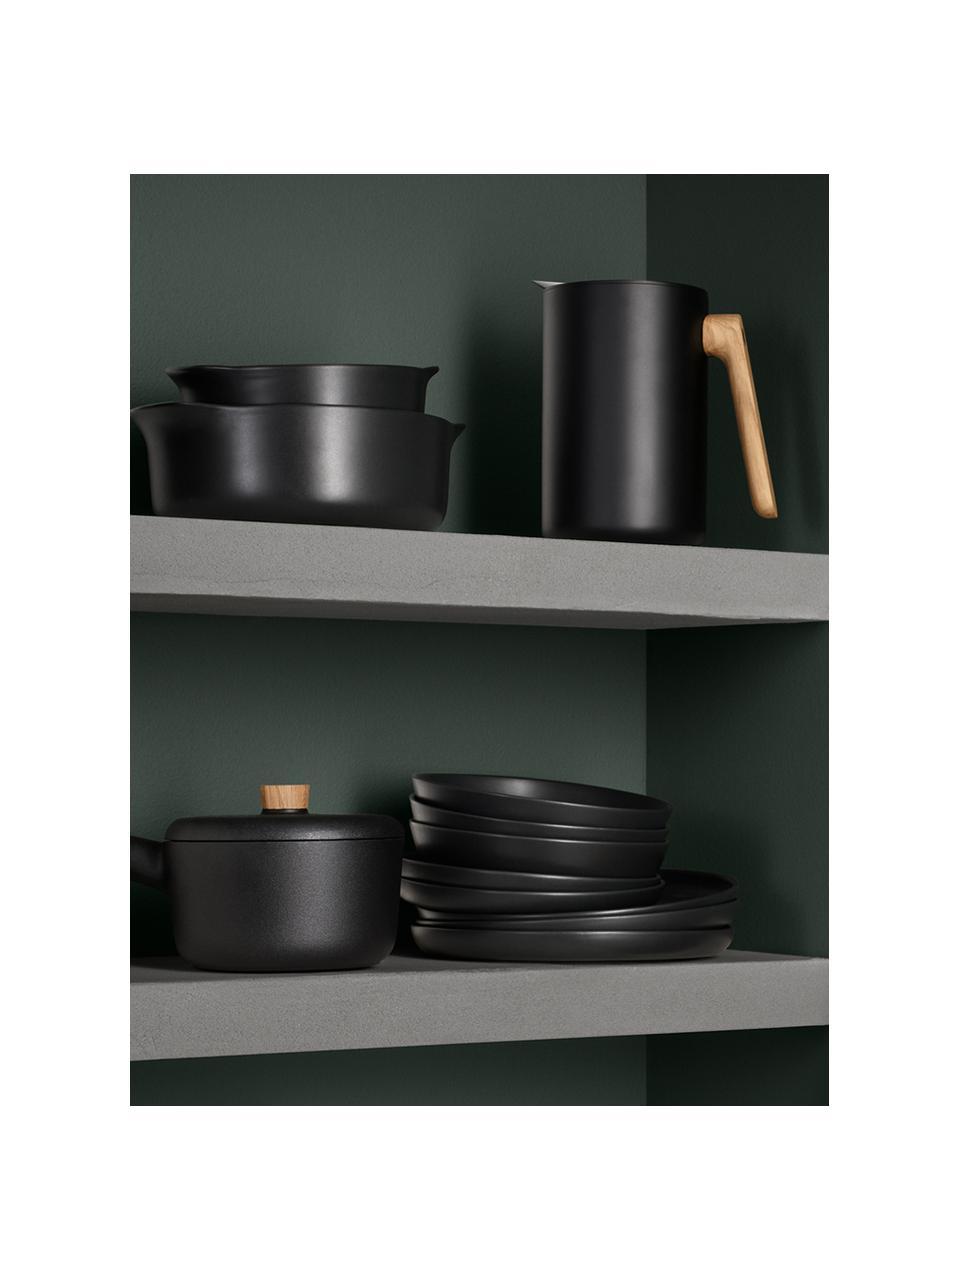 Speiseteller Nordic Kitchen in Schwarz matt, 4 Stück, Steingut, Schwarz, matt, Ø 25 cm